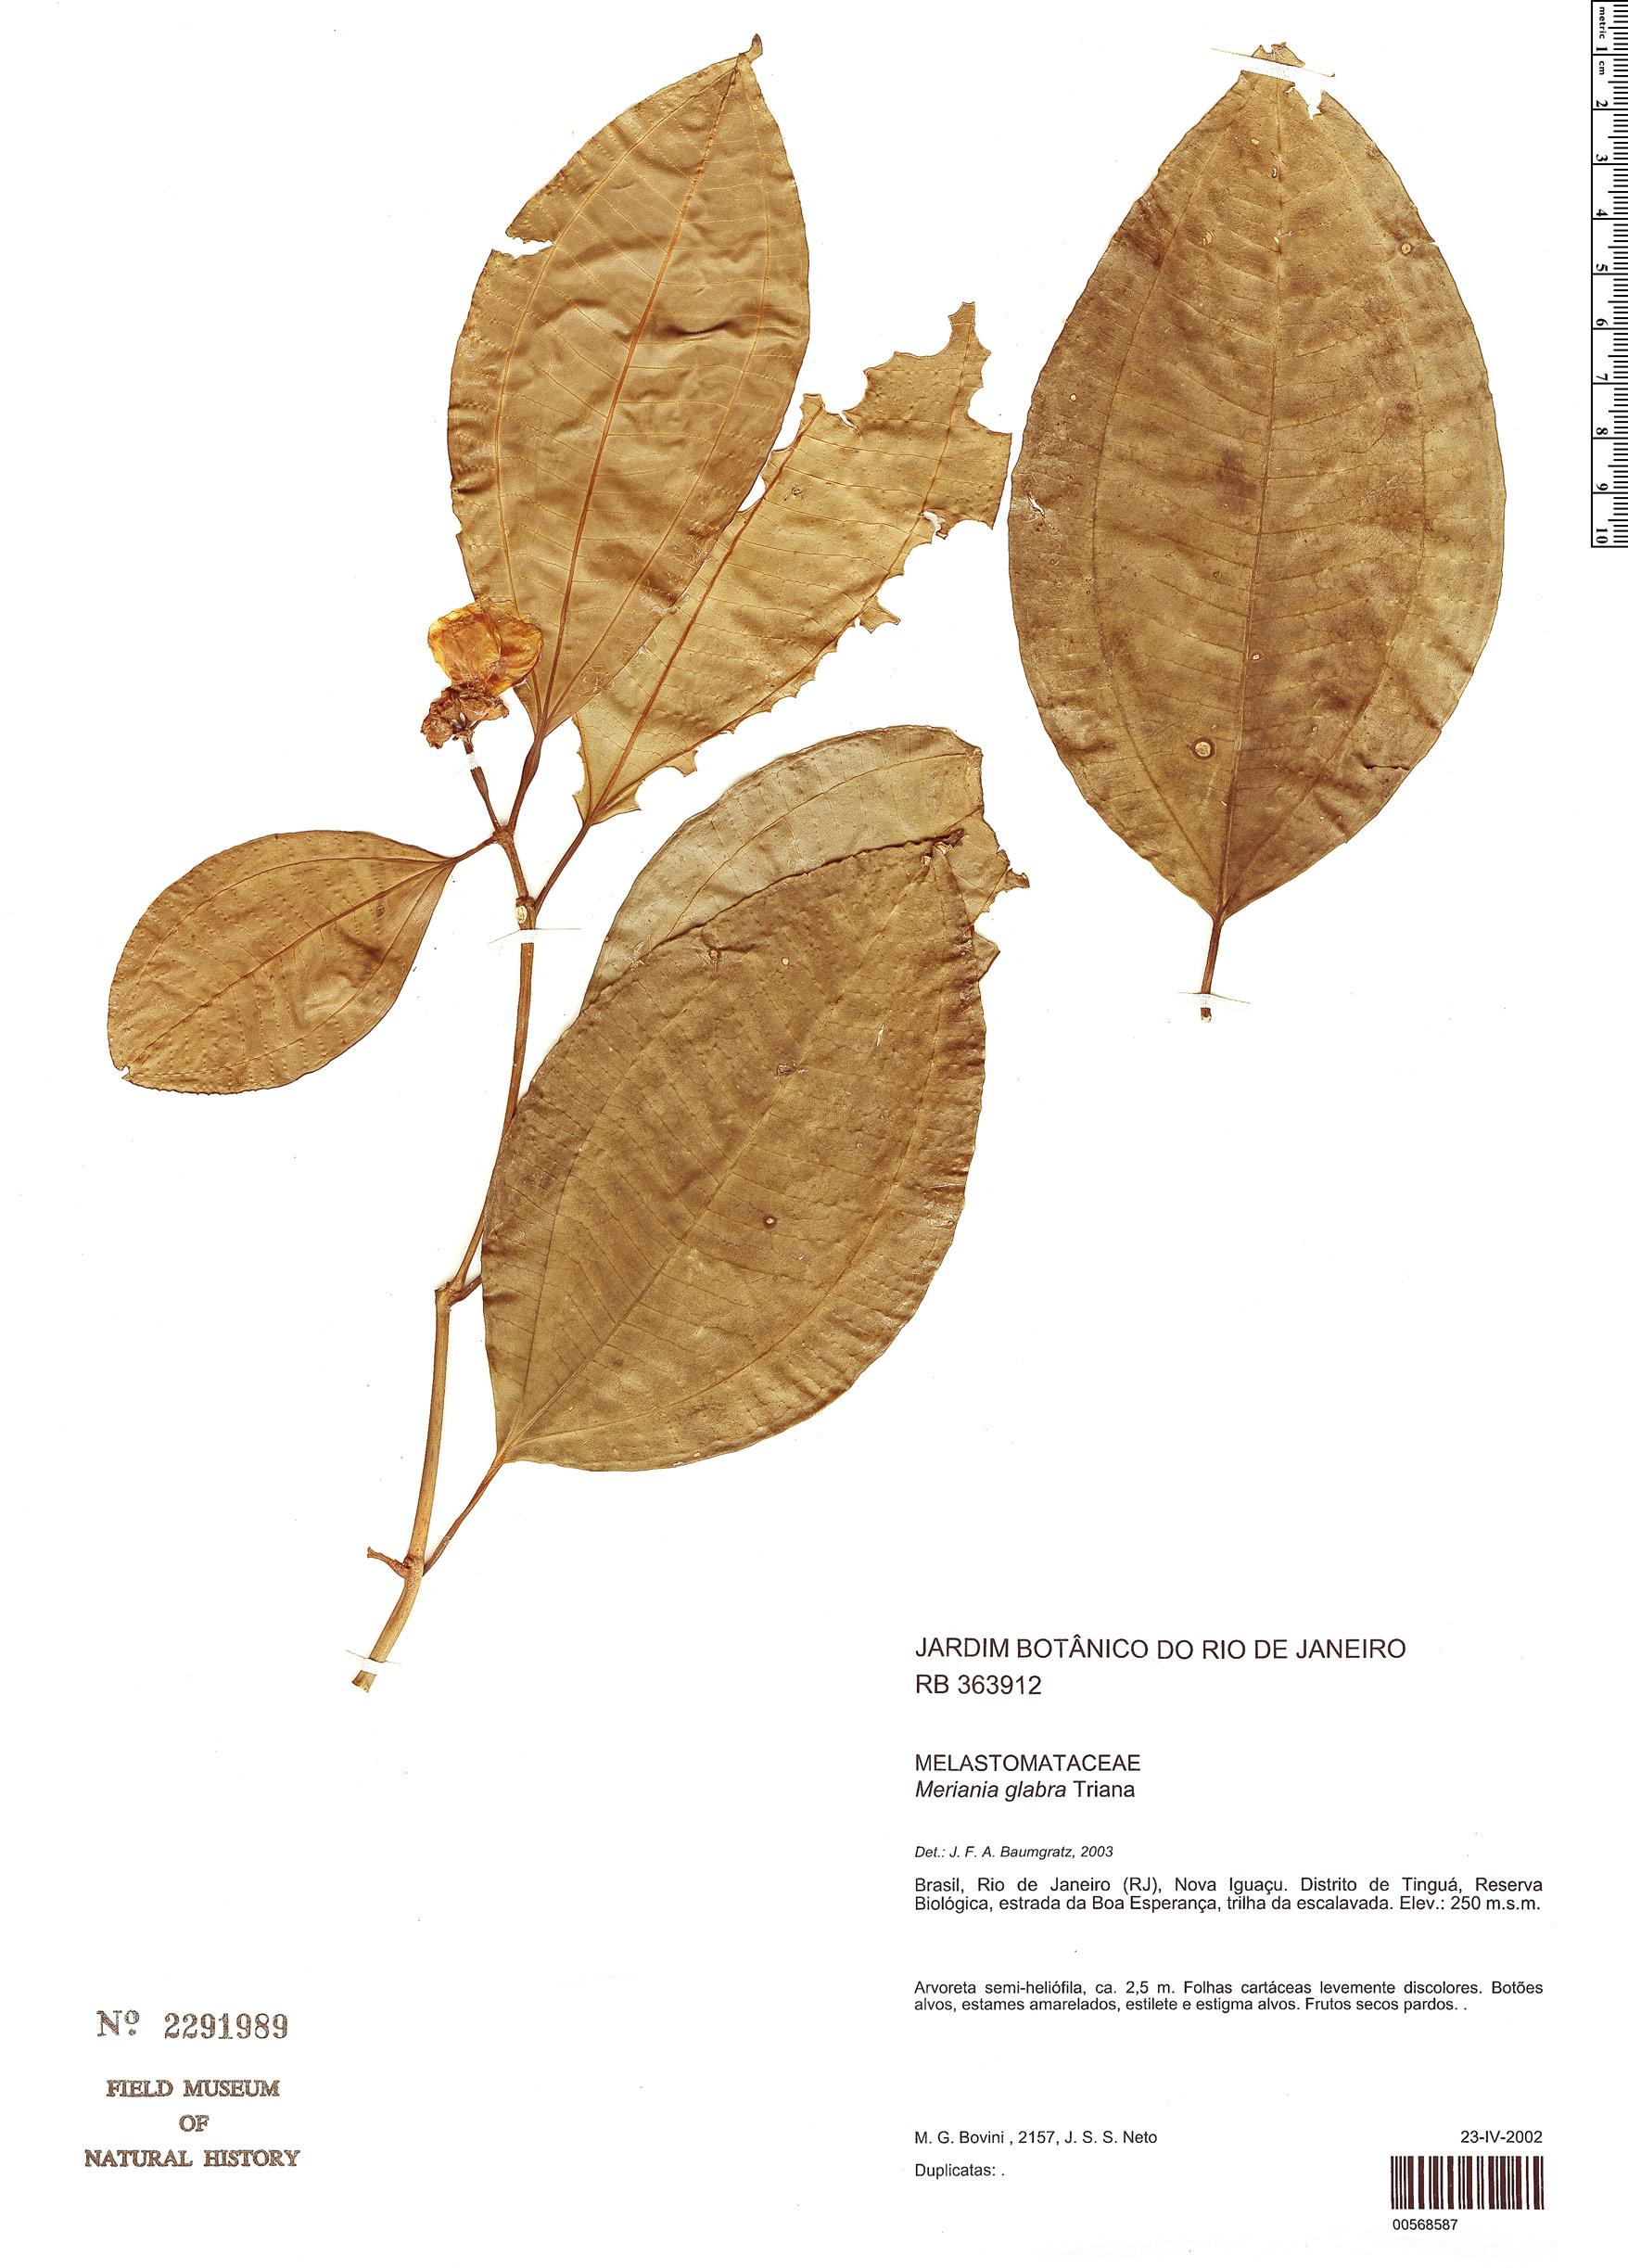 Specimen: Meriania glabra